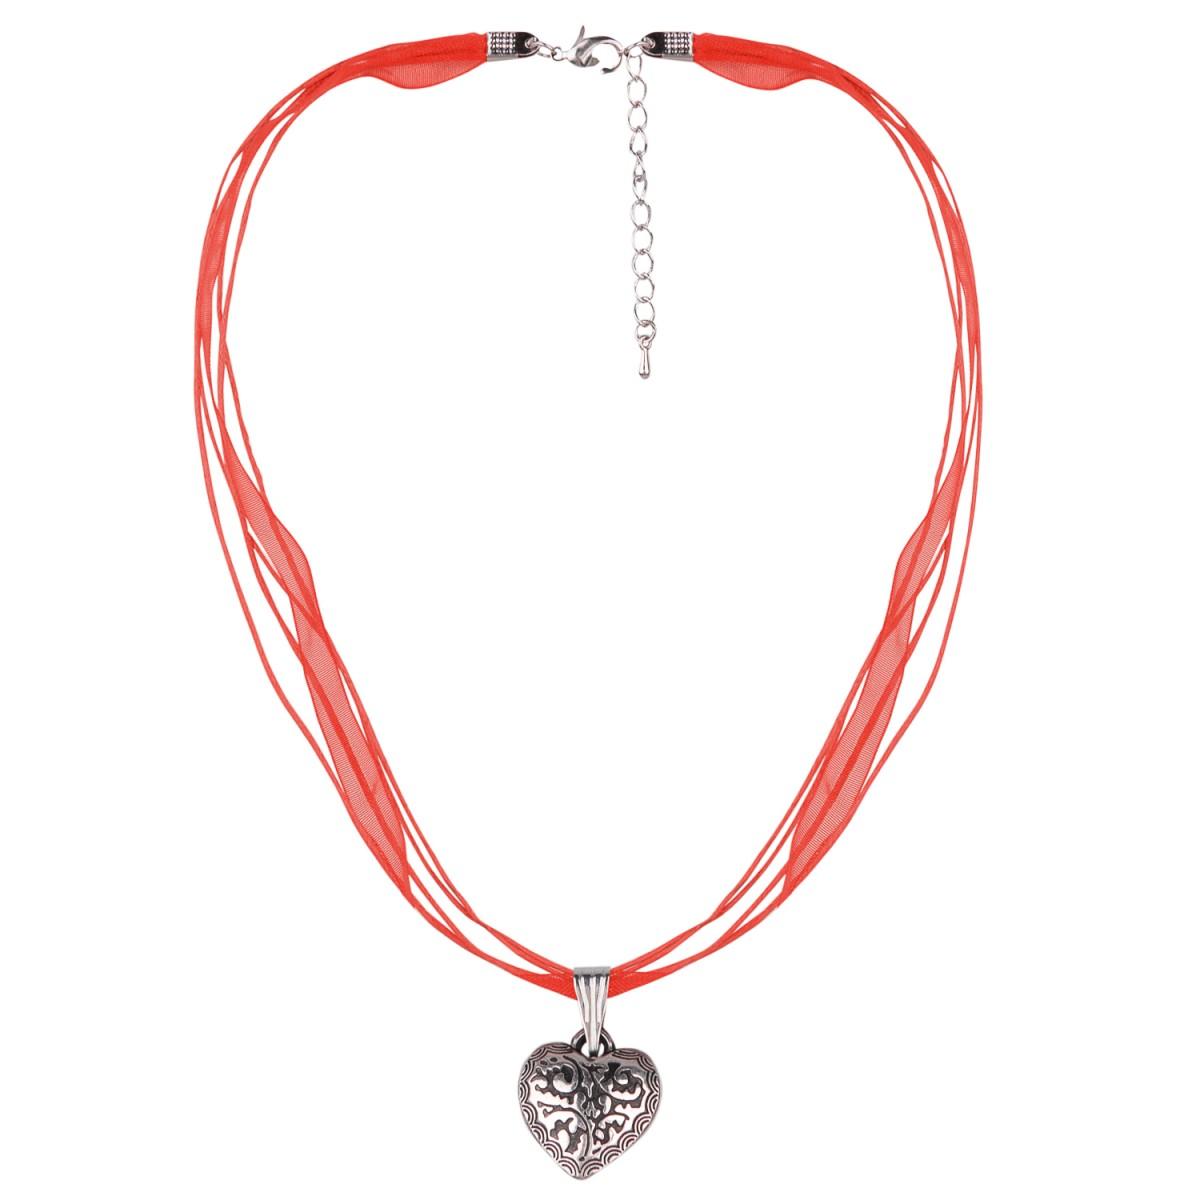 Halskette in Rot mit 4 Bändern und Herzanhänger von Schlick Accessoires